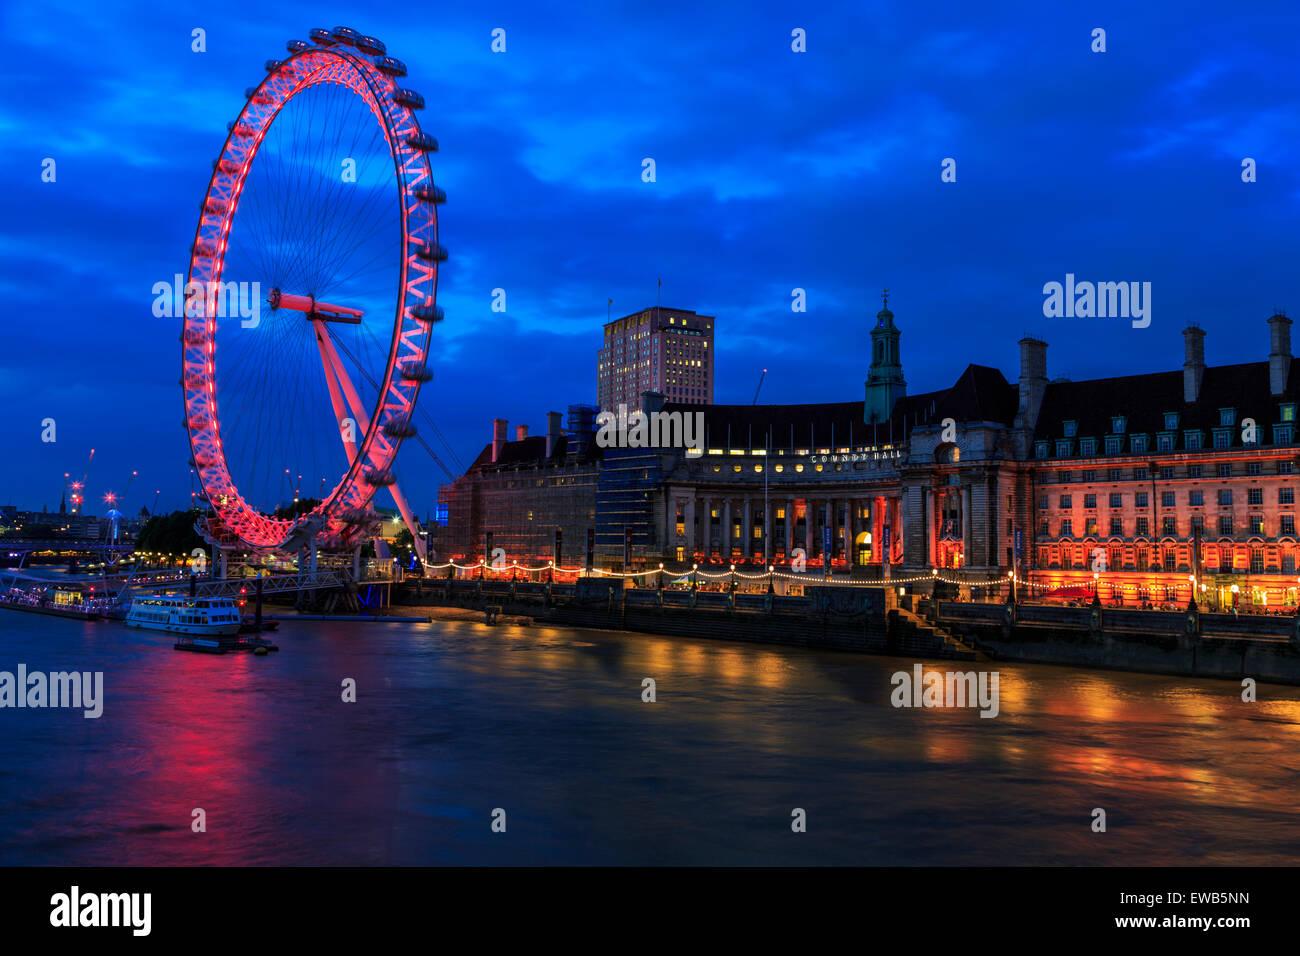 Imagen panorámica del paisaje de la noria London Eye y County Hall en la orilla sur del río Támesis, con moody interesante Foto de stock